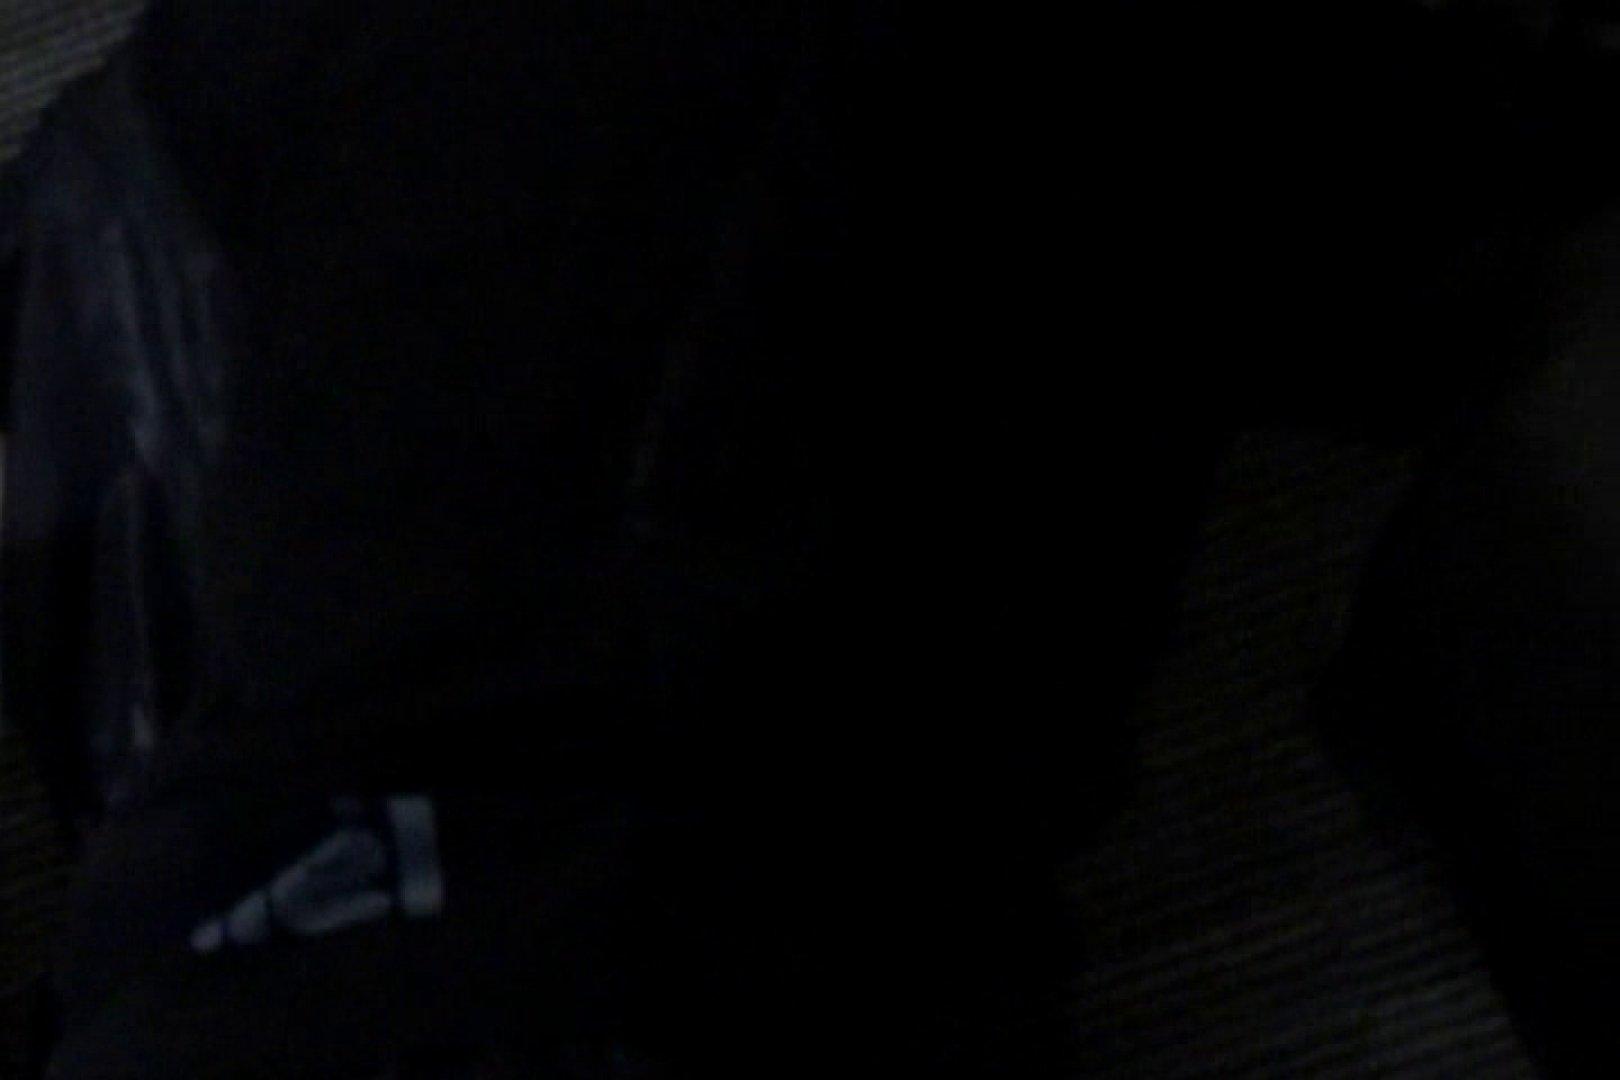 三ツ星シリーズ 魅惑のMemorial Night!! vol.03 ゲイ悪戯 ゲイ無料エロ画像 83pic 35